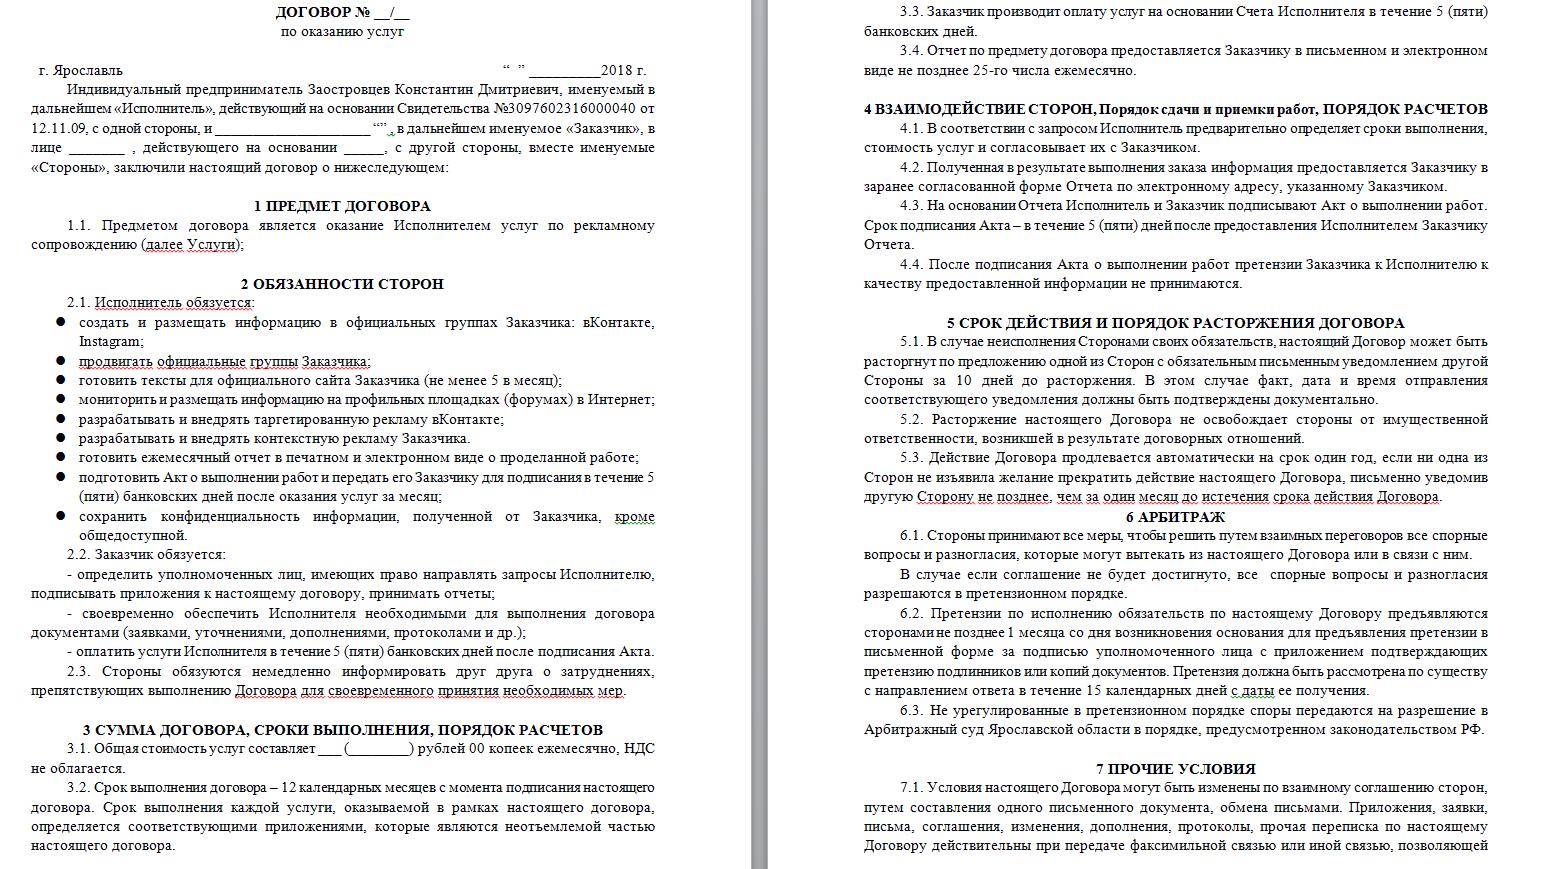 Договор на SMM услуги